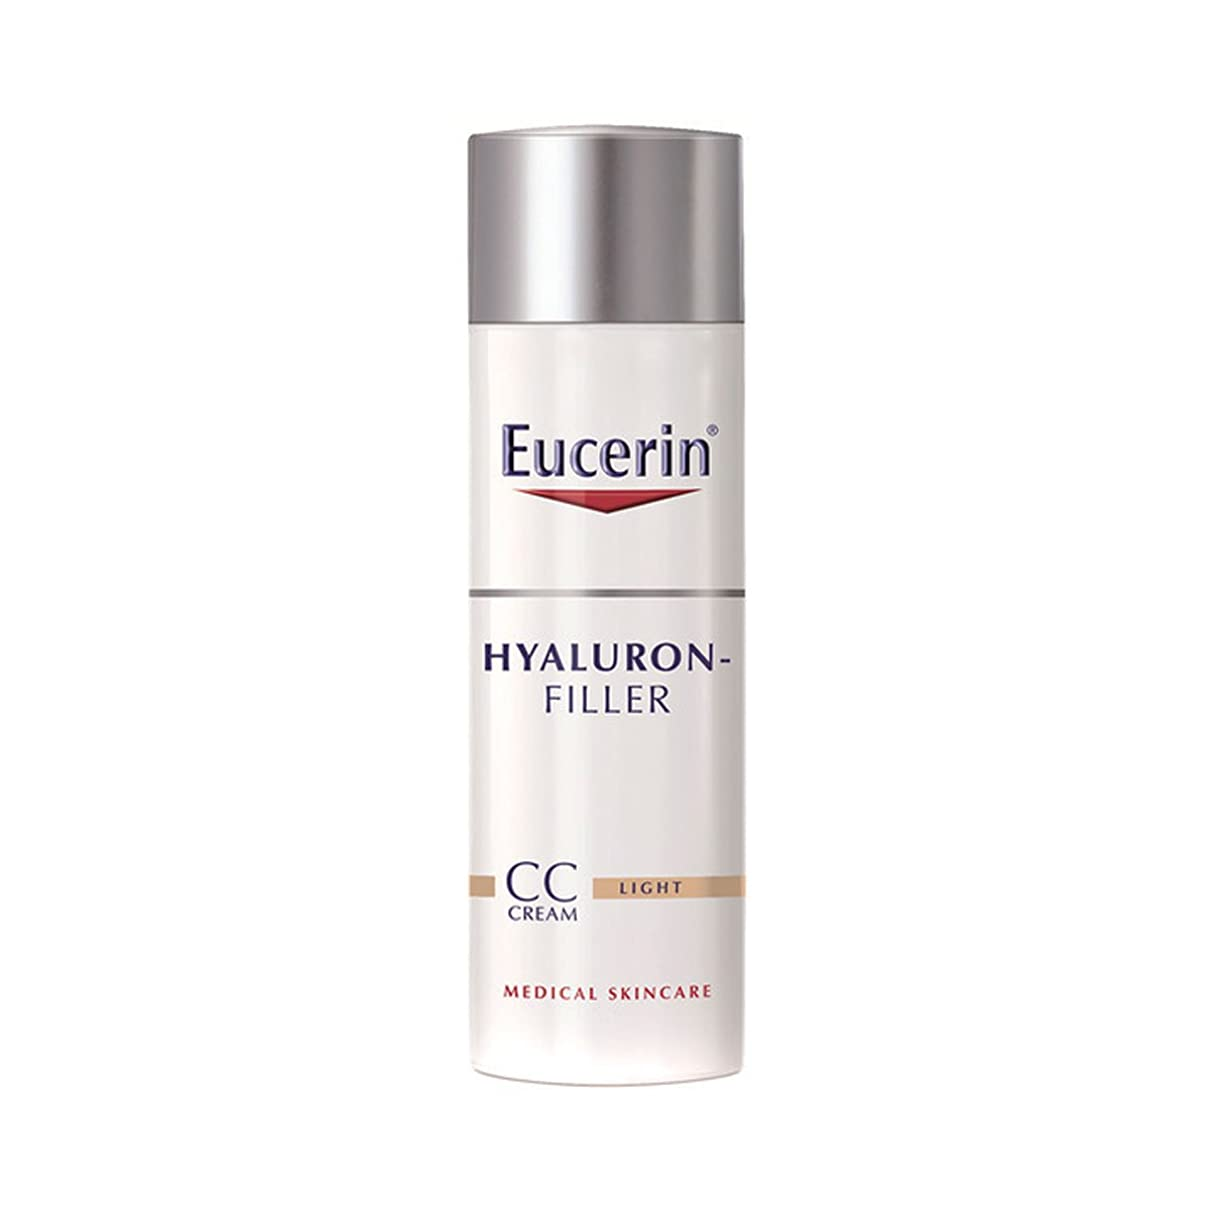 ケイ素無知ベンチャーEucerin Hyaluron-filler Cc Cream Light 50ml [並行輸入品]